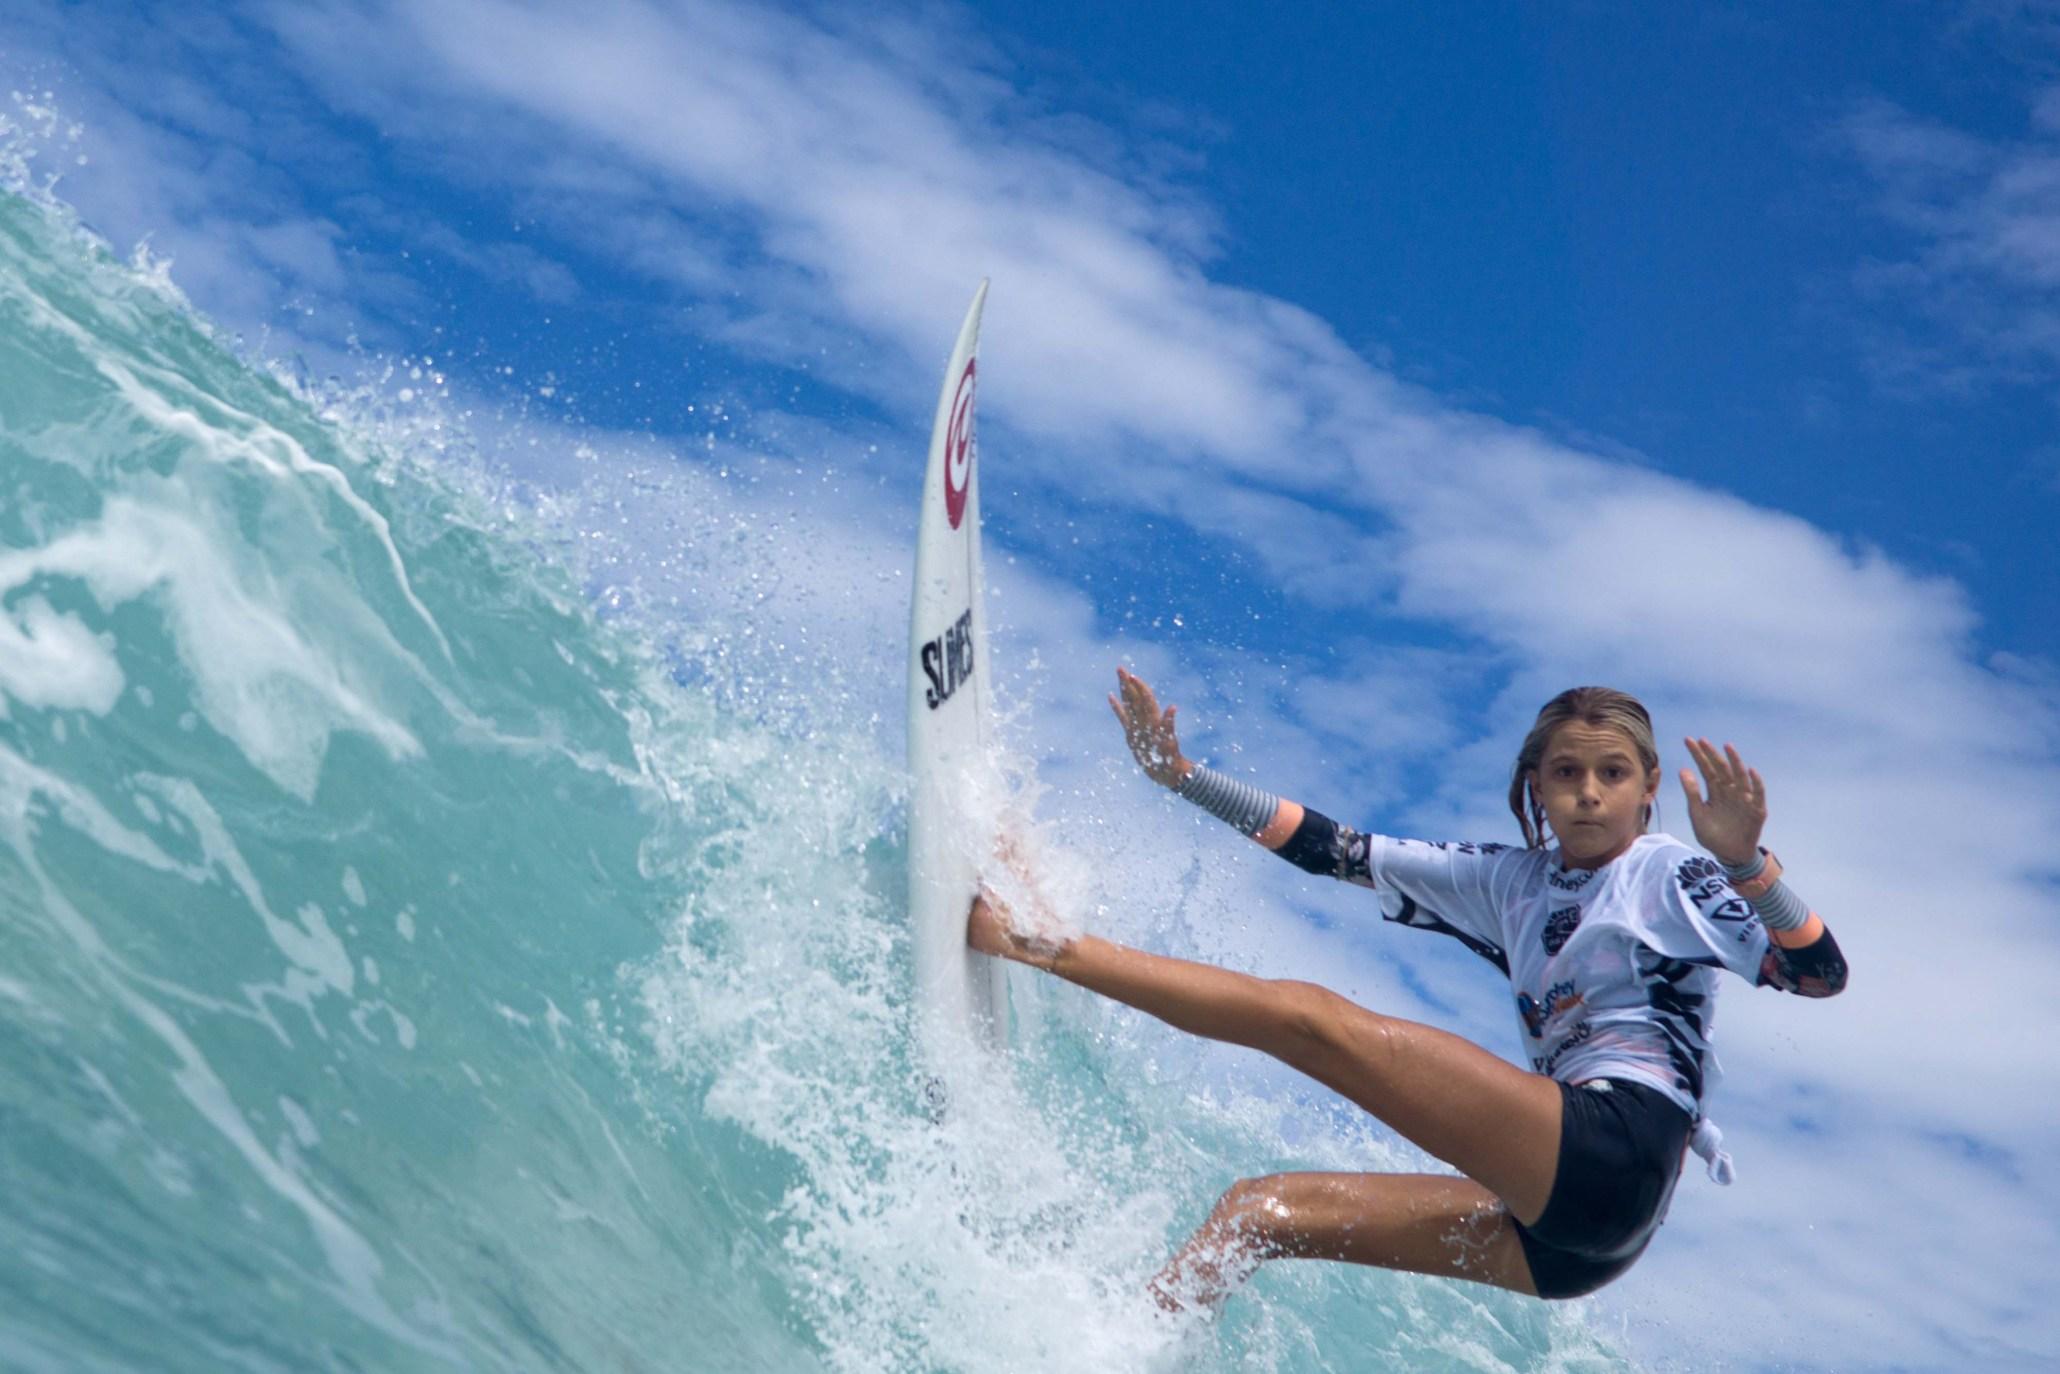 photo courtesy of:  sydneysurfpro.com